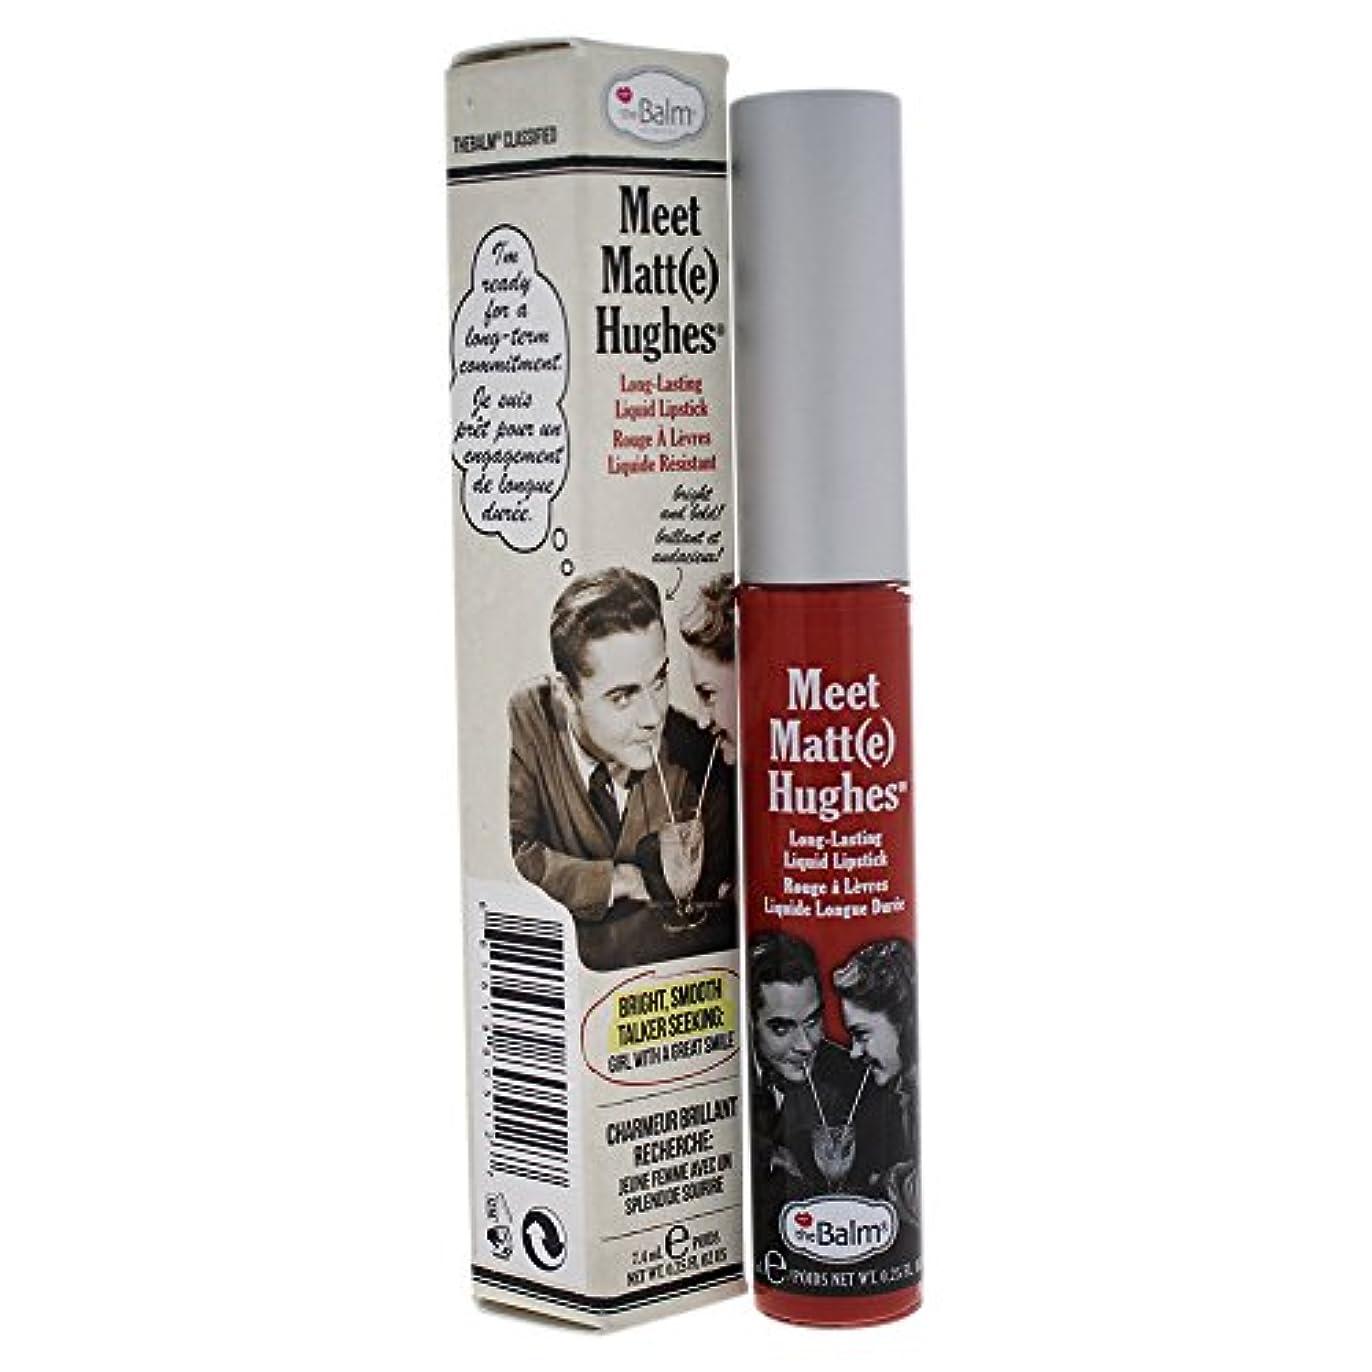 気質化学者若さザバーム Meet Matte Hughes Long Lasting Liquid Lipstick - Honest 7.4ml/0.25oz並行輸入品